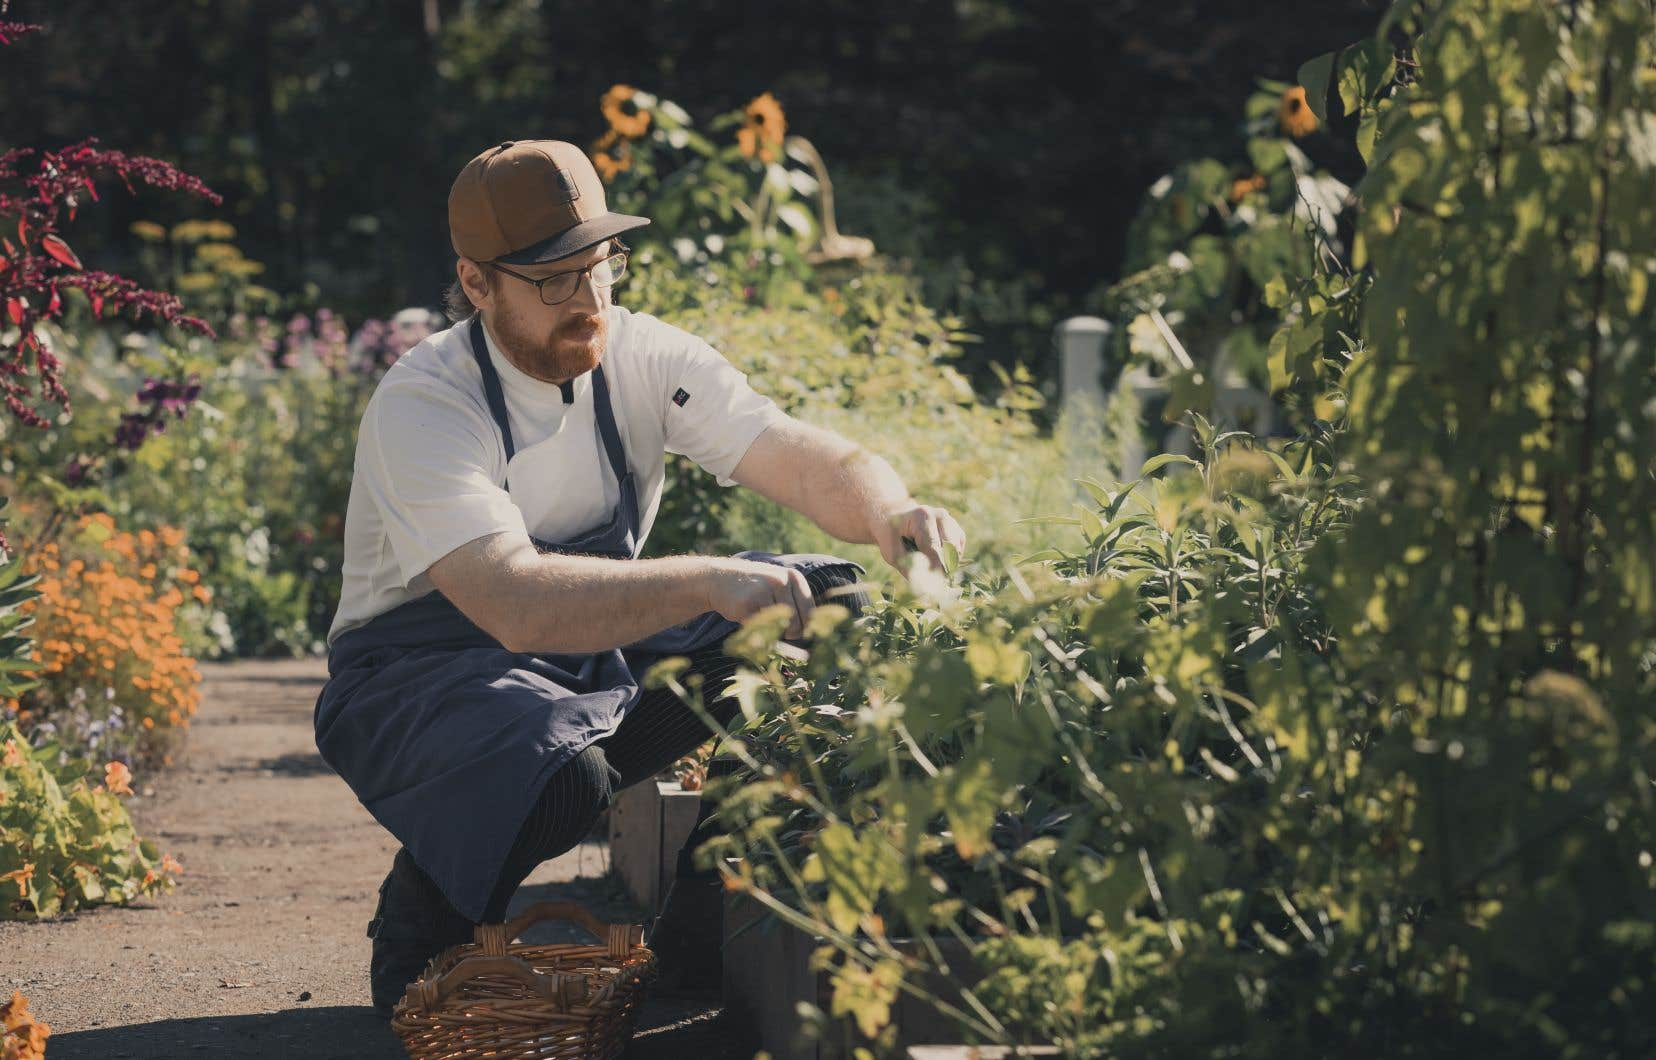 Le chef Frédérick Boucher, dans les Jardins de Métis<credit></credit>